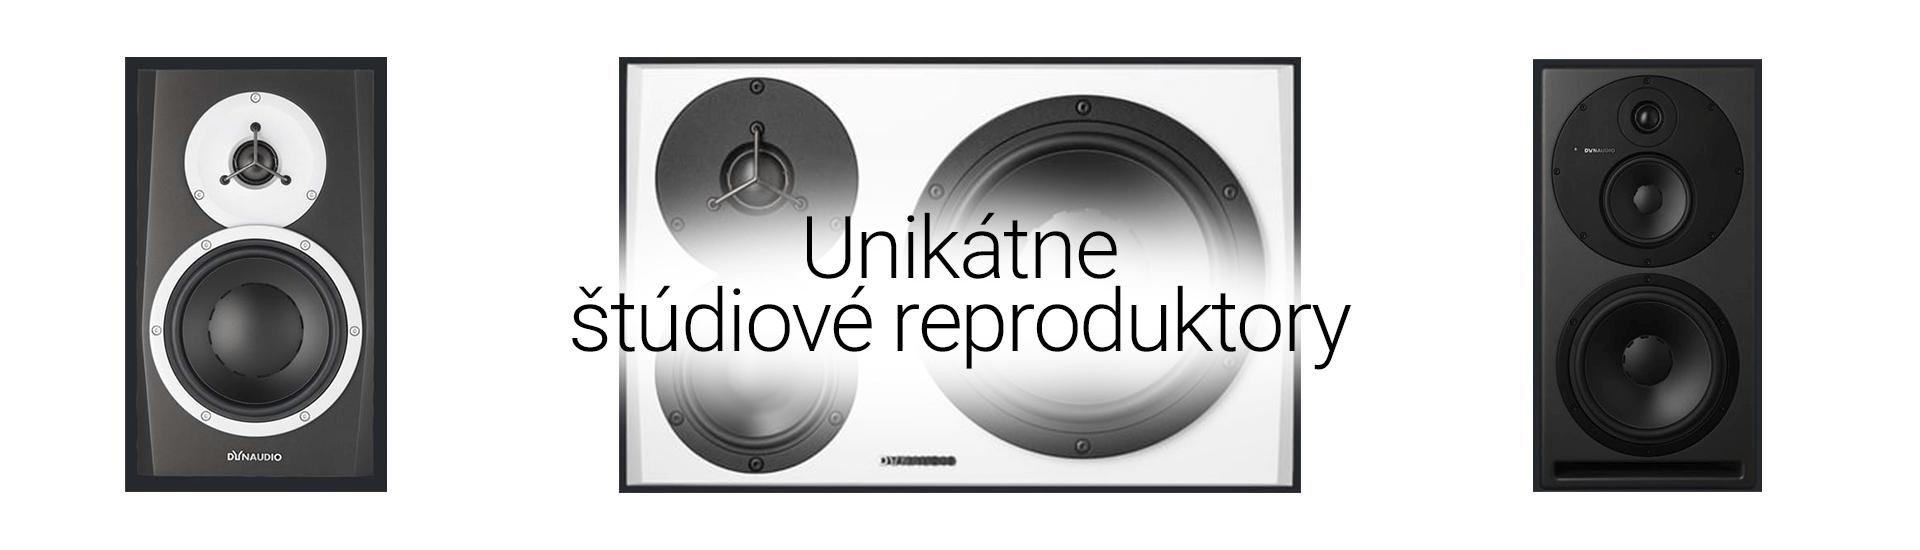 Dynaudio_SK